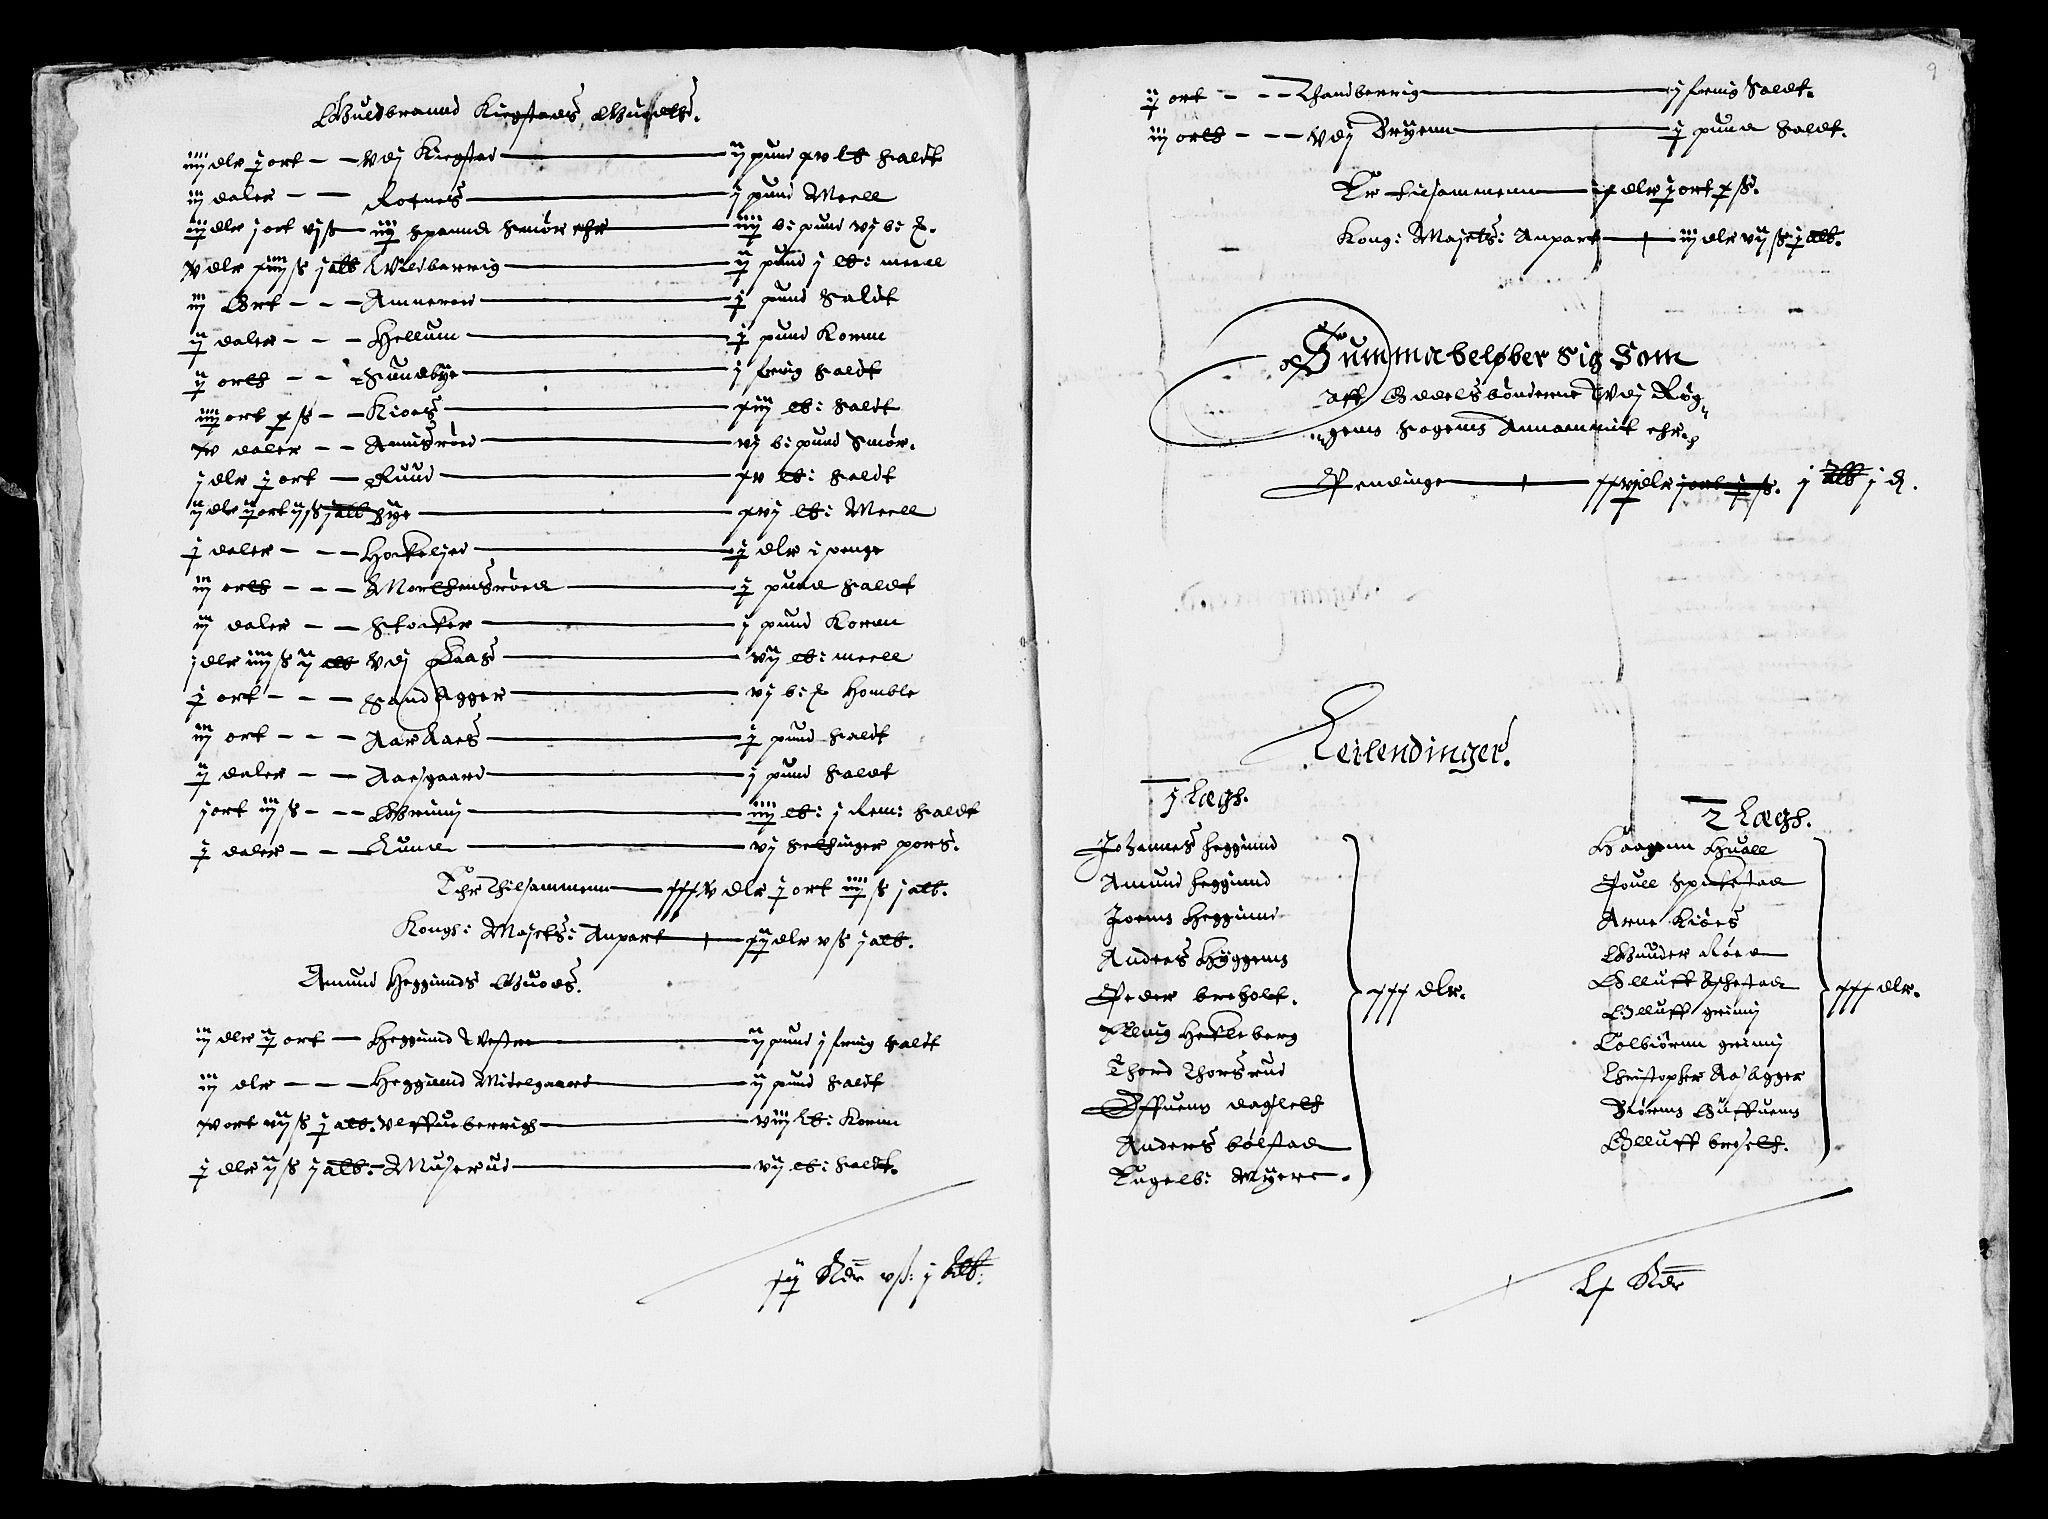 RA, Rentekammeret inntil 1814, Reviderte regnskaper, Lensregnskaper, R/Rb/Rba/L0090: Akershus len, 1628-1629, s. upaginert